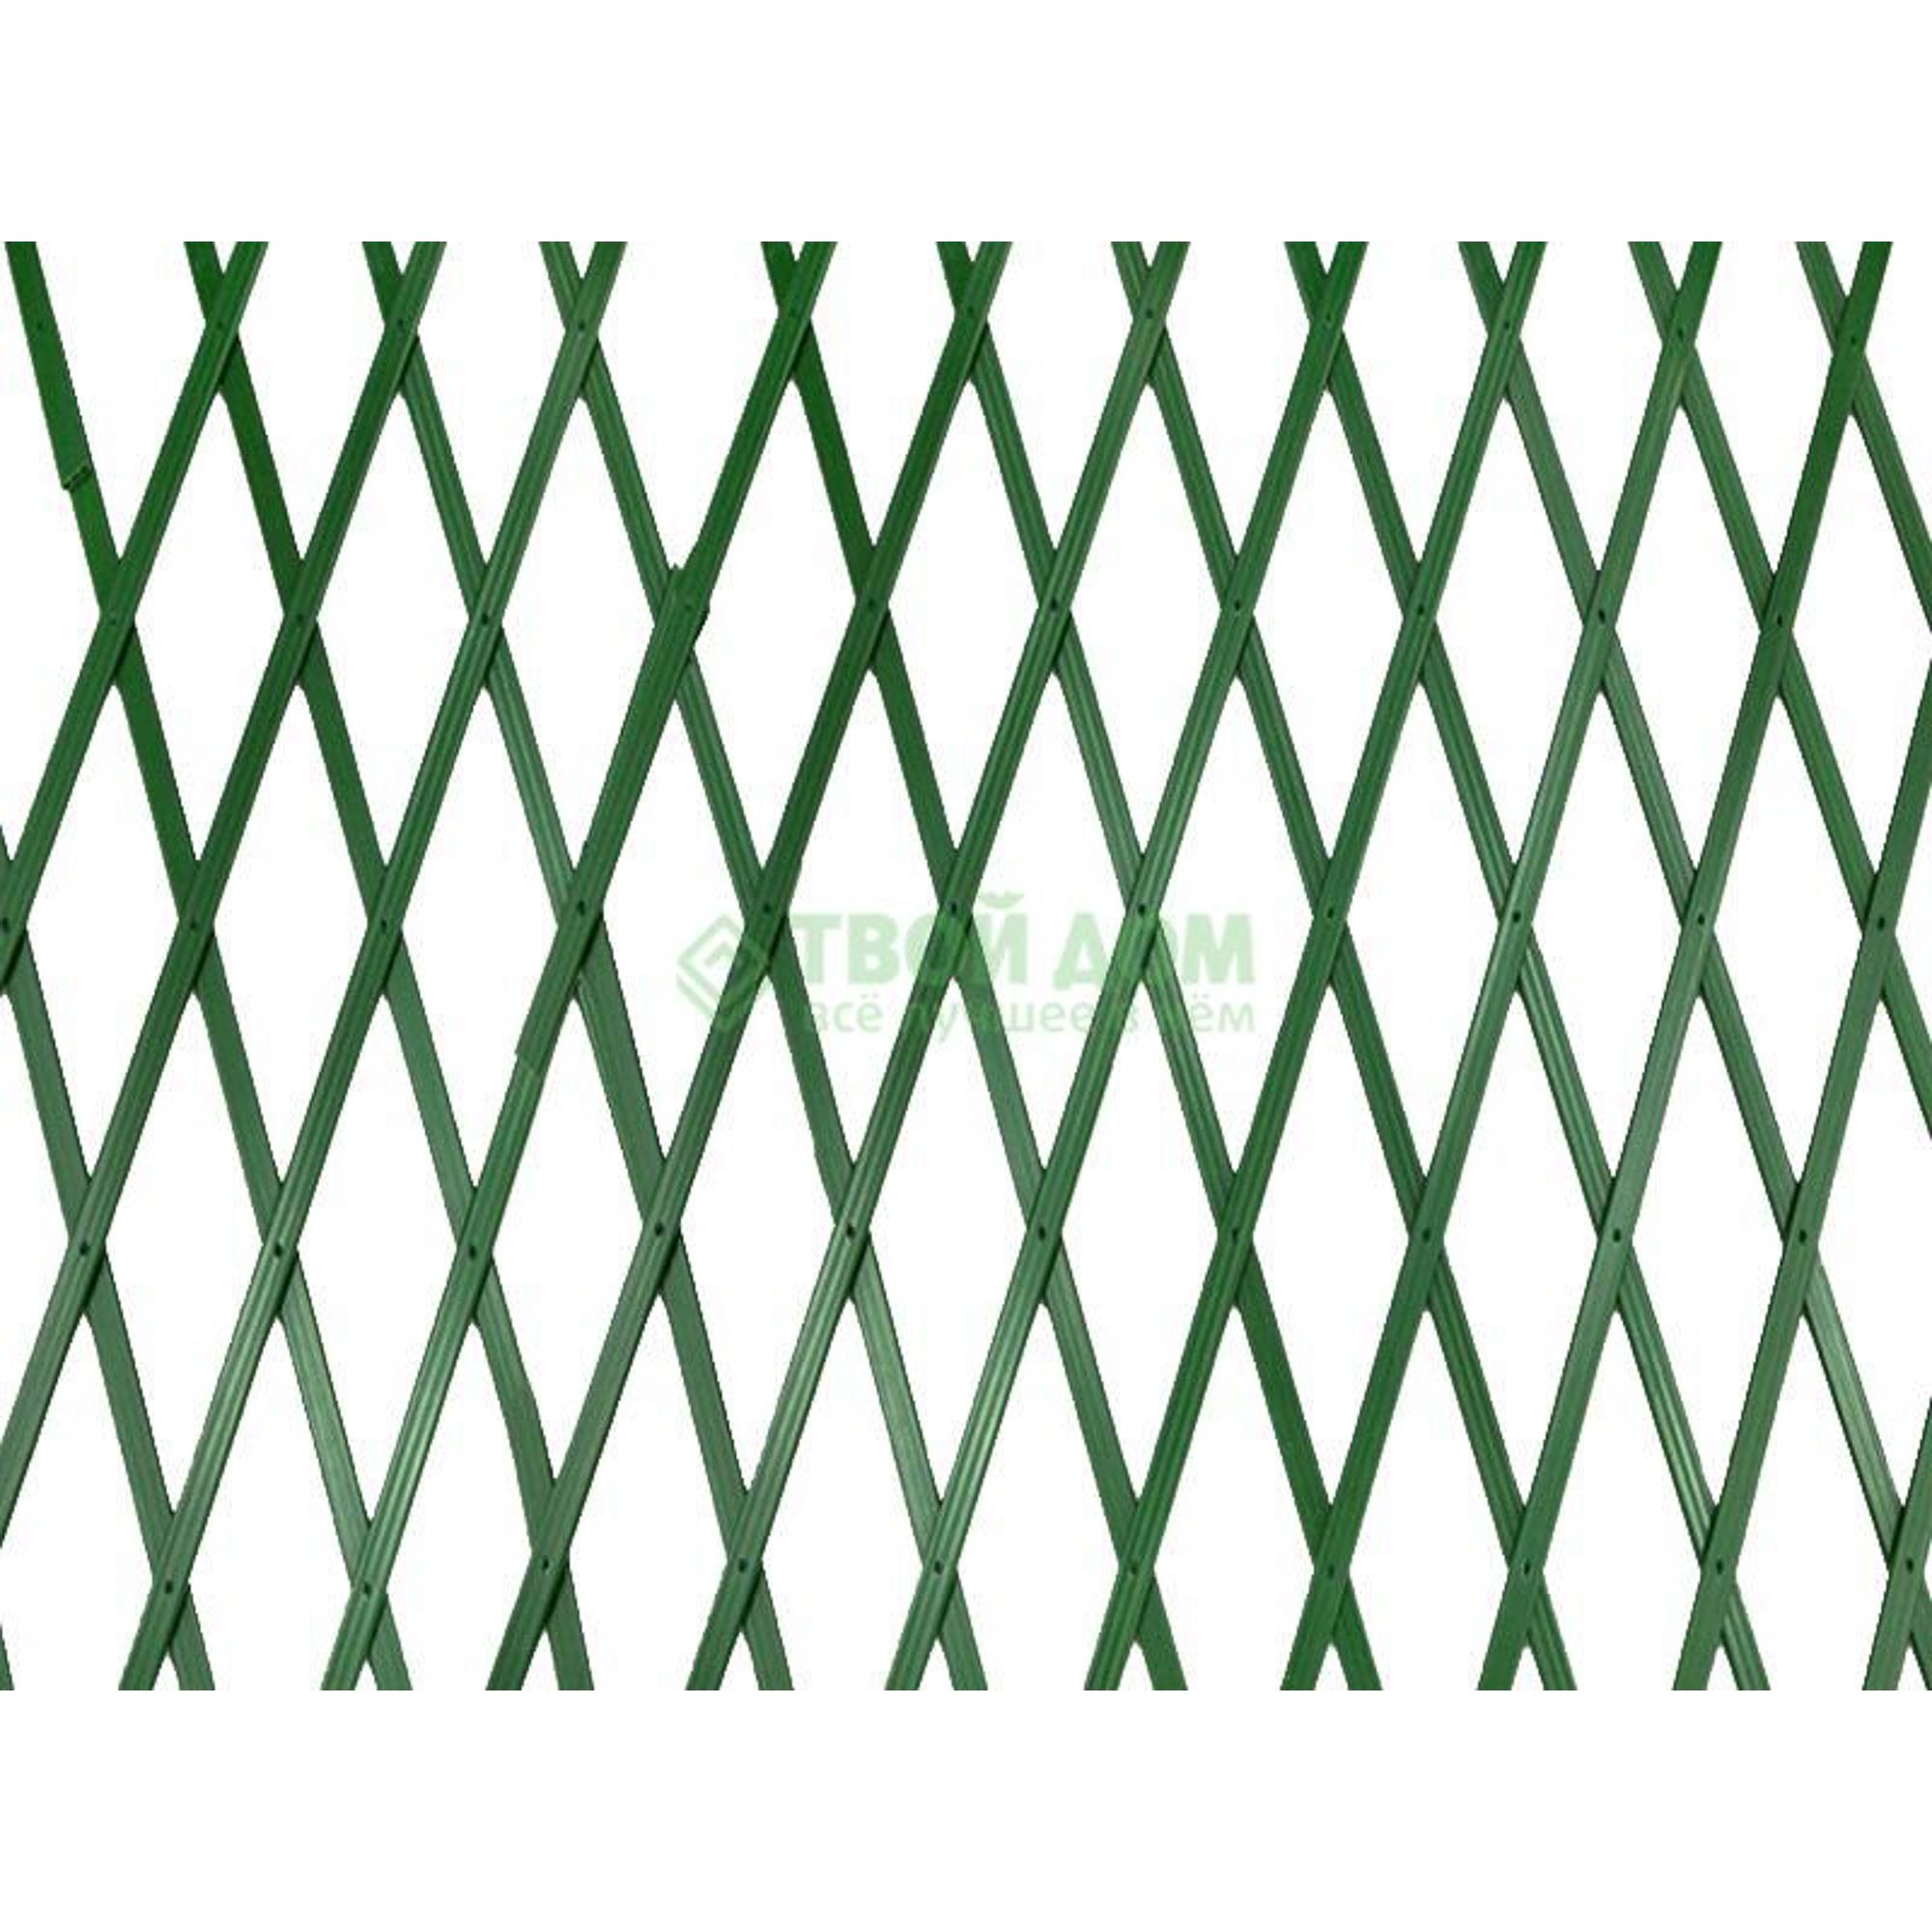 ограждение садовое декоративное дачник 3 м цвет терракотовый Садовое ограждение Verdemax Решетка складная 1.8 м. X 1.2 м зеленая 7588